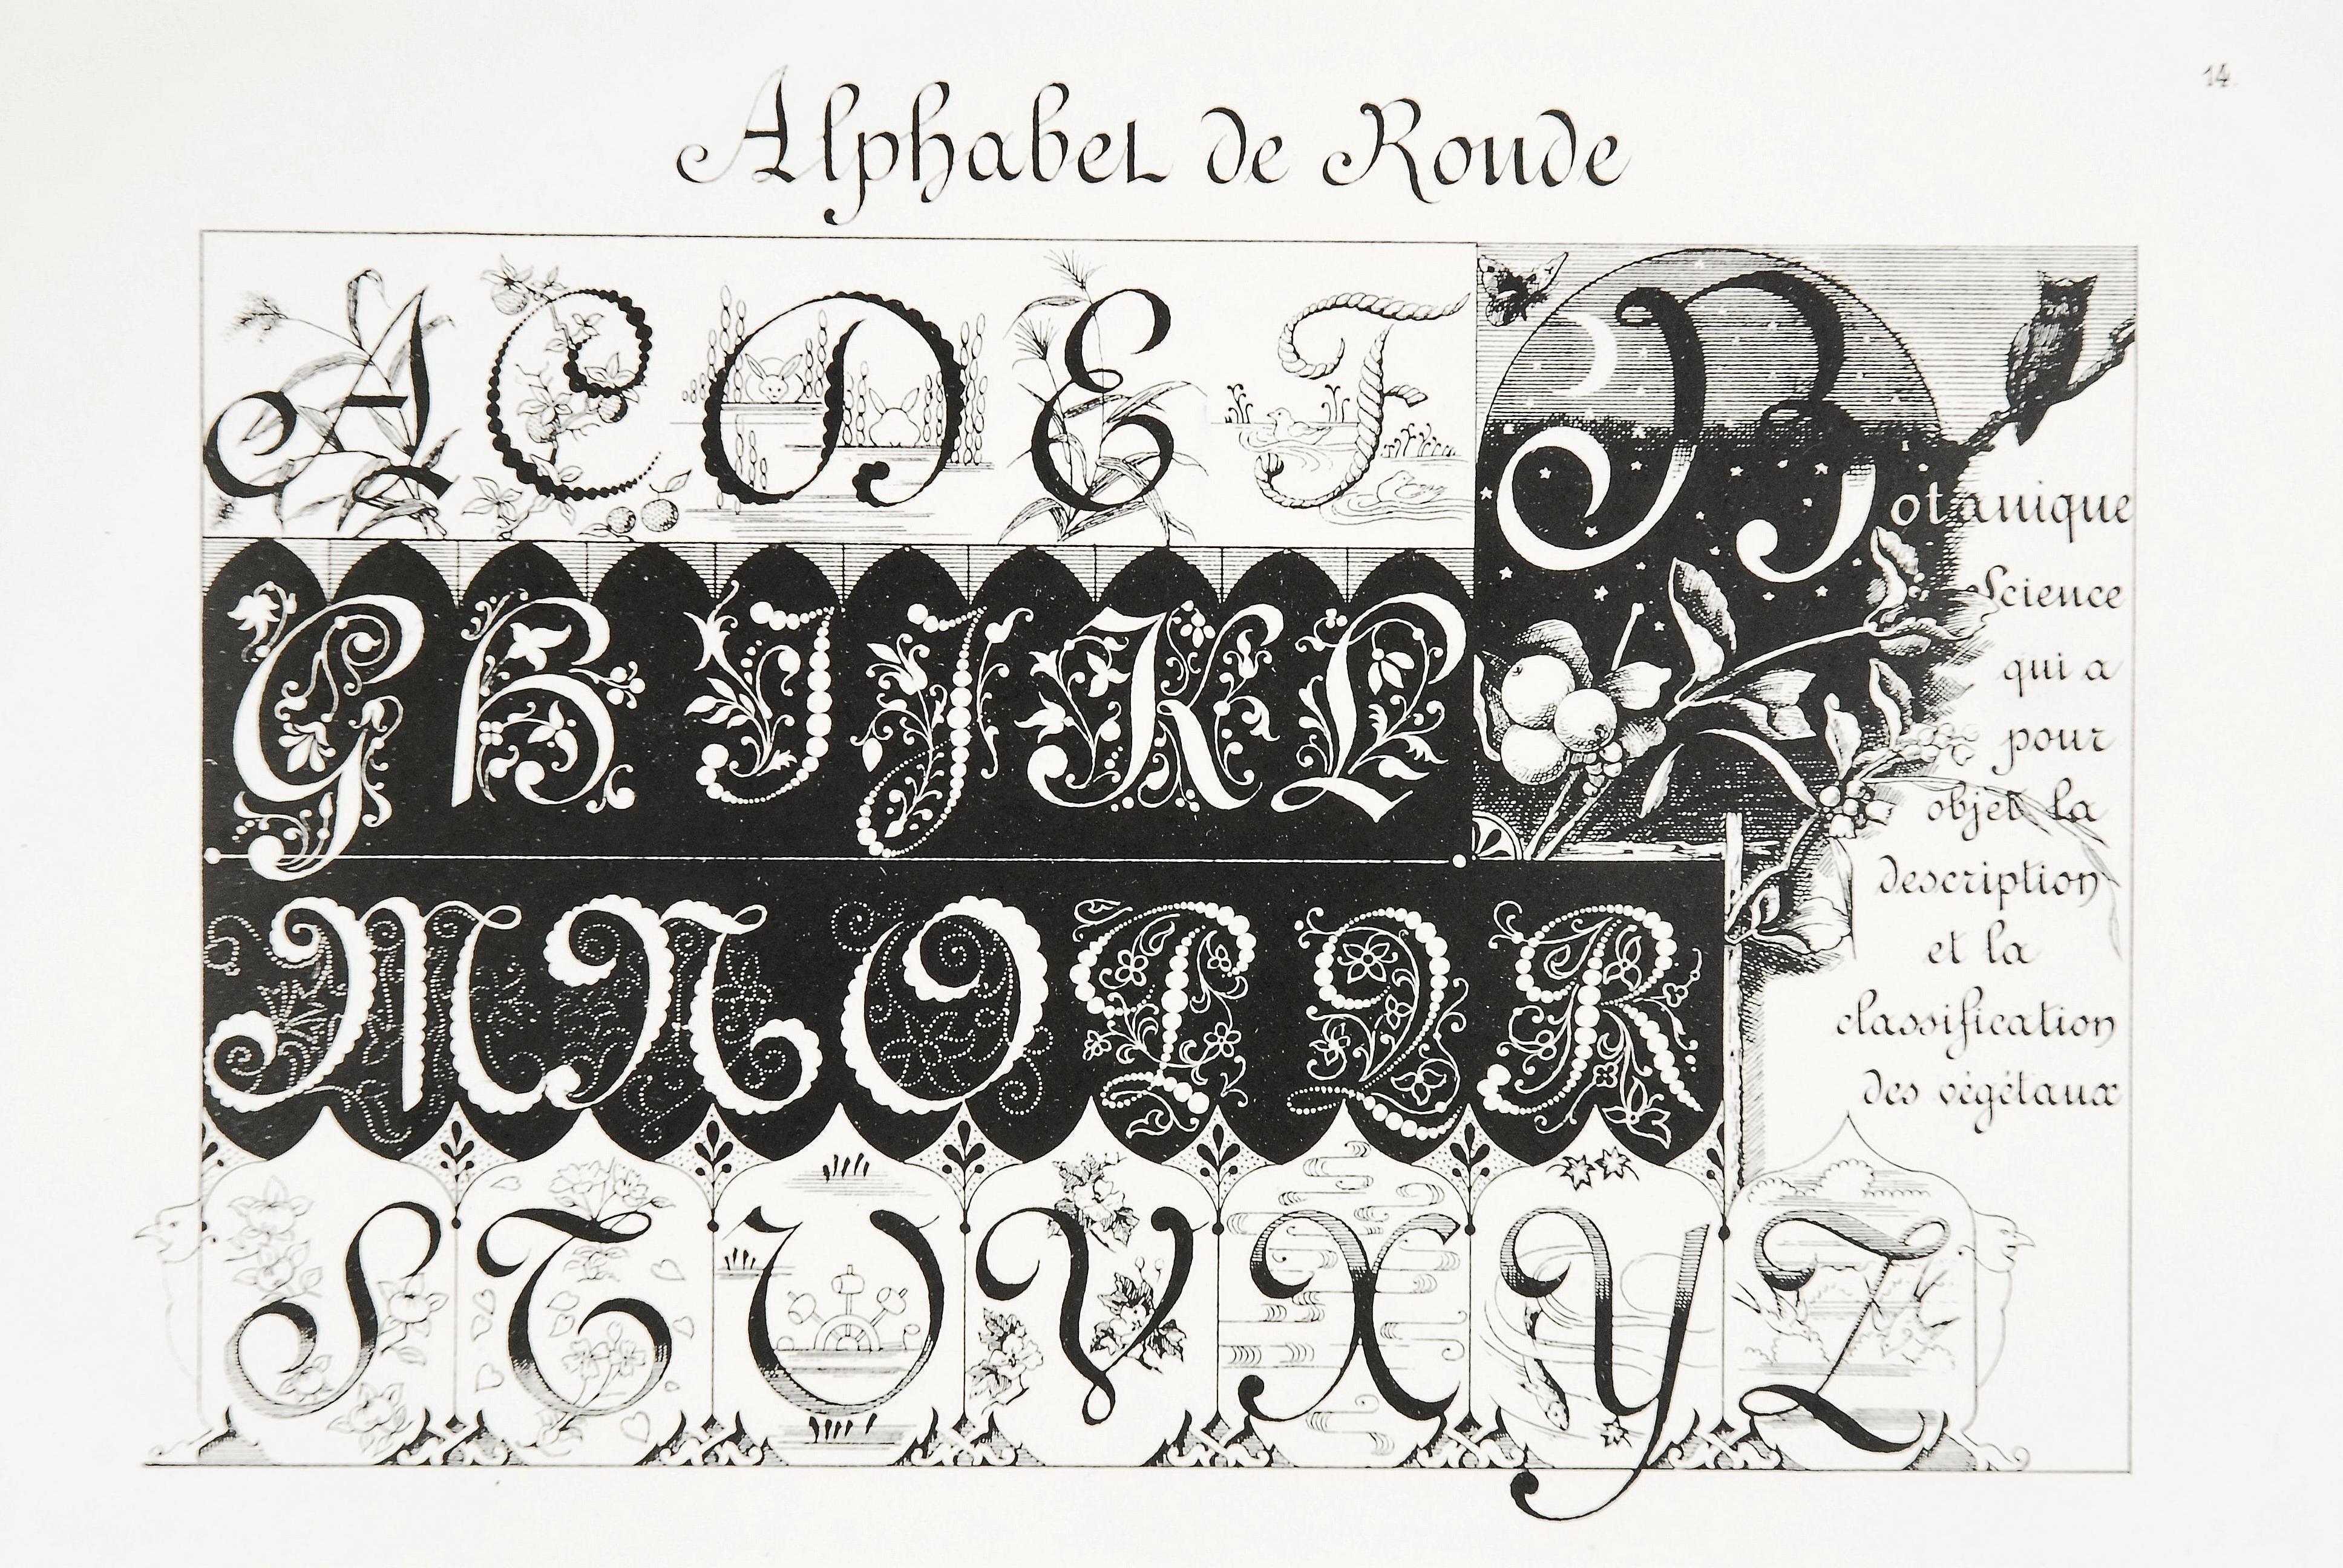 Titre(s)Alphabets de style : Moyen-Age, Renaissance : d'après des documents authentiques des XIe, XIIIe, XIVe, XVe et XVIème siècles / composées par Ernest Guillot ; lithographiés par Henri Sescheboeuf  Bibliotheque forney